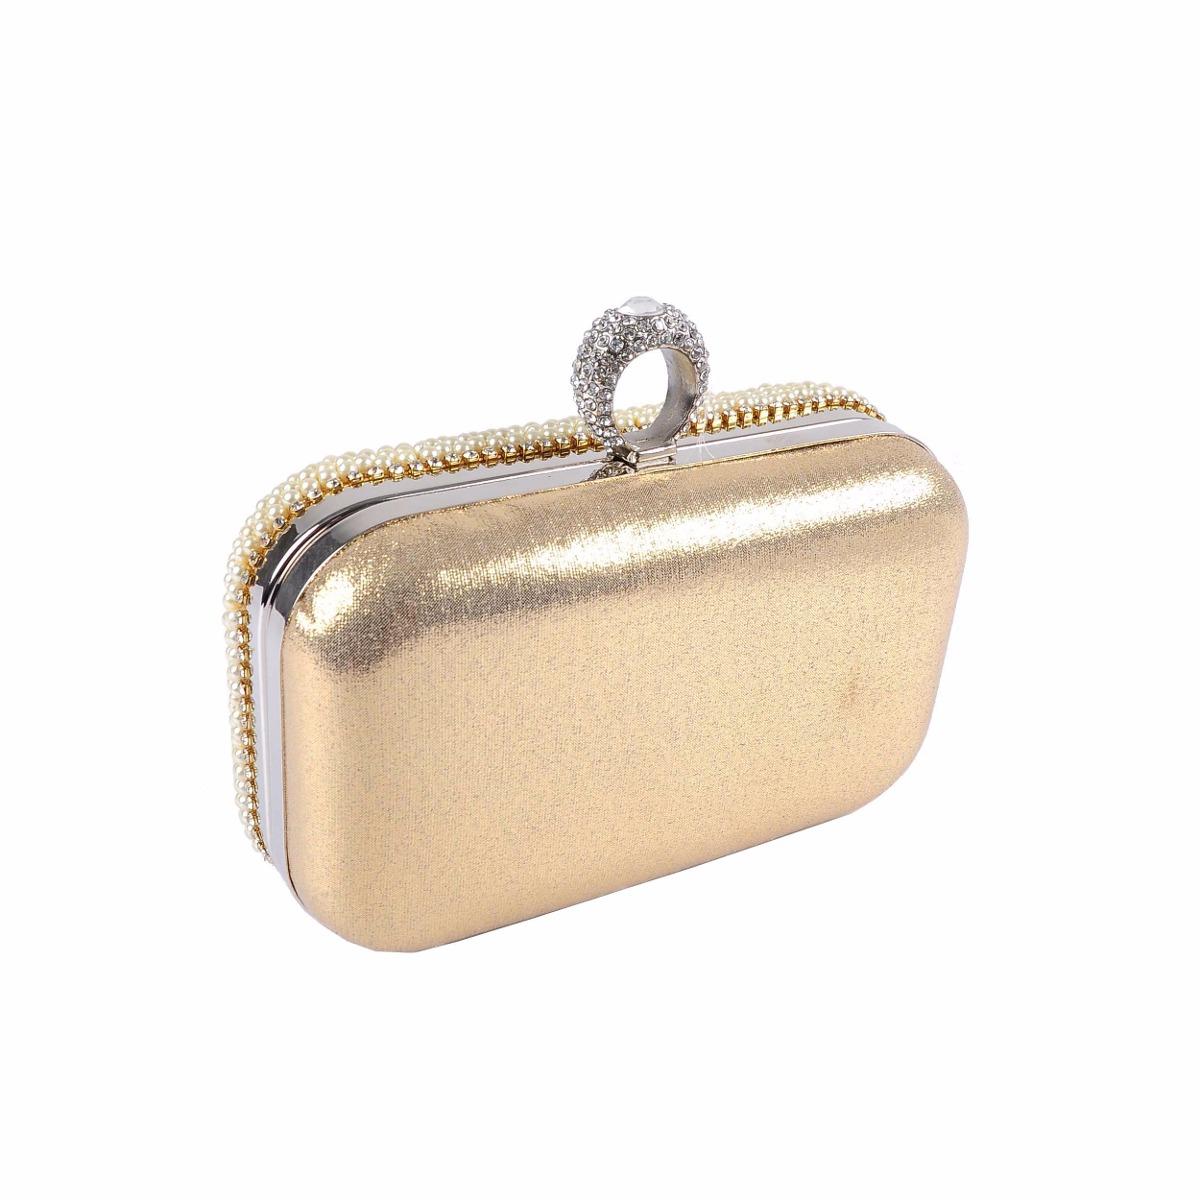 9016a6960 bolsa feminina festa clutch pérola carteira alca corrente. Carregando  zoom... bolsa feminina alca. Carregando zoom.